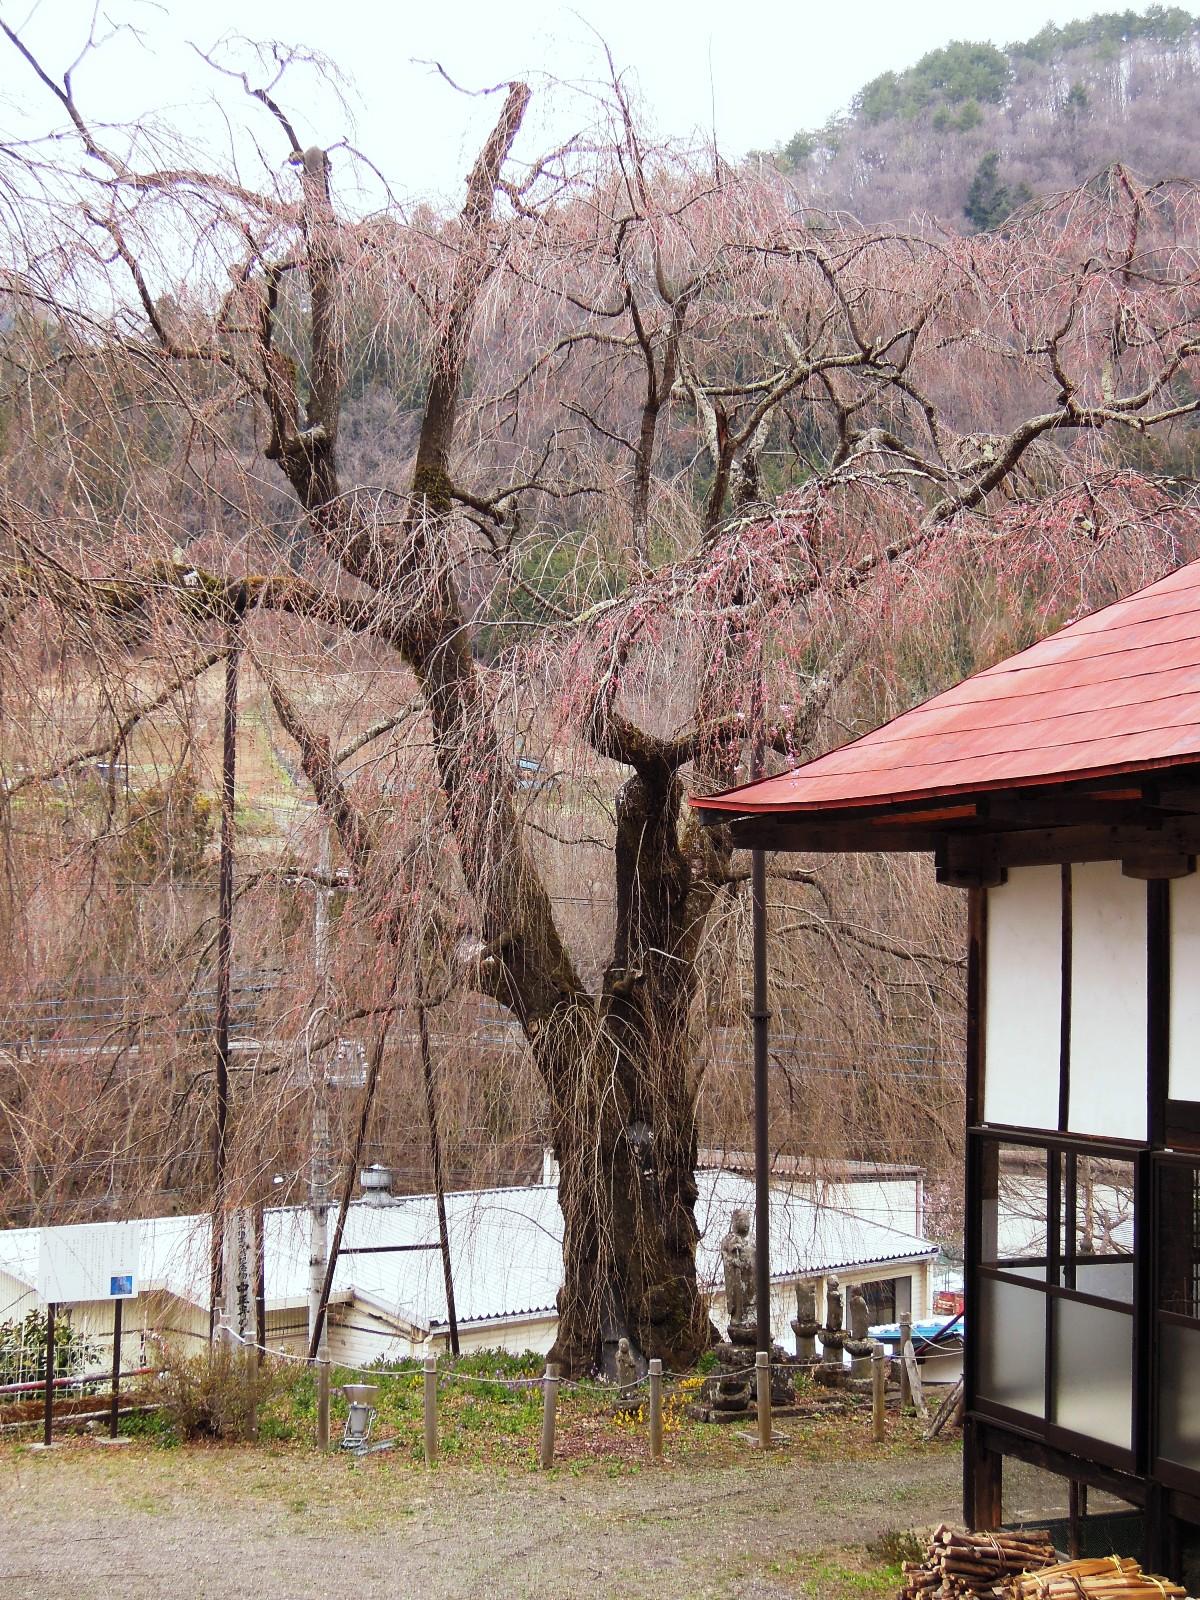 http://www.uenomura.ne.jp/blog/photonews2/DSCN6160-001.JPG